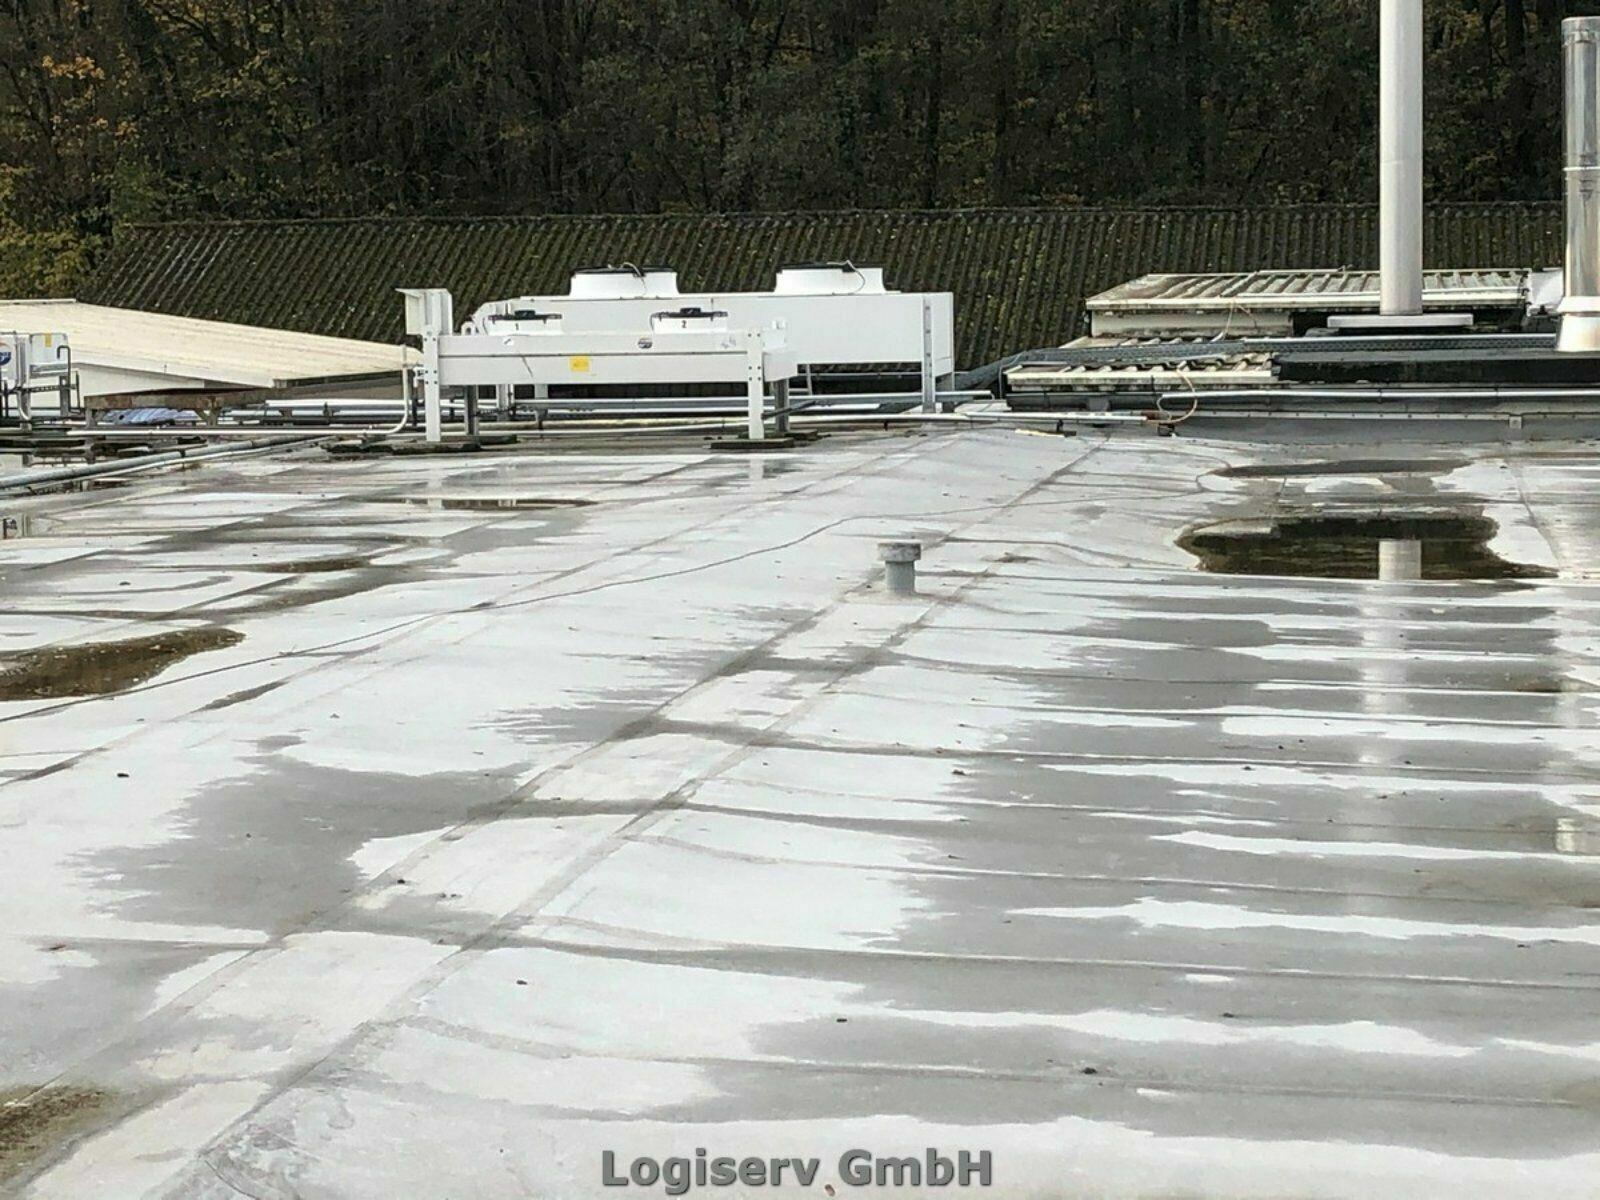 Bild 6 - Kaelteanlage-Kuehlanlage-Verdichter-luftgekuehlt-Axial-Verfluessiger